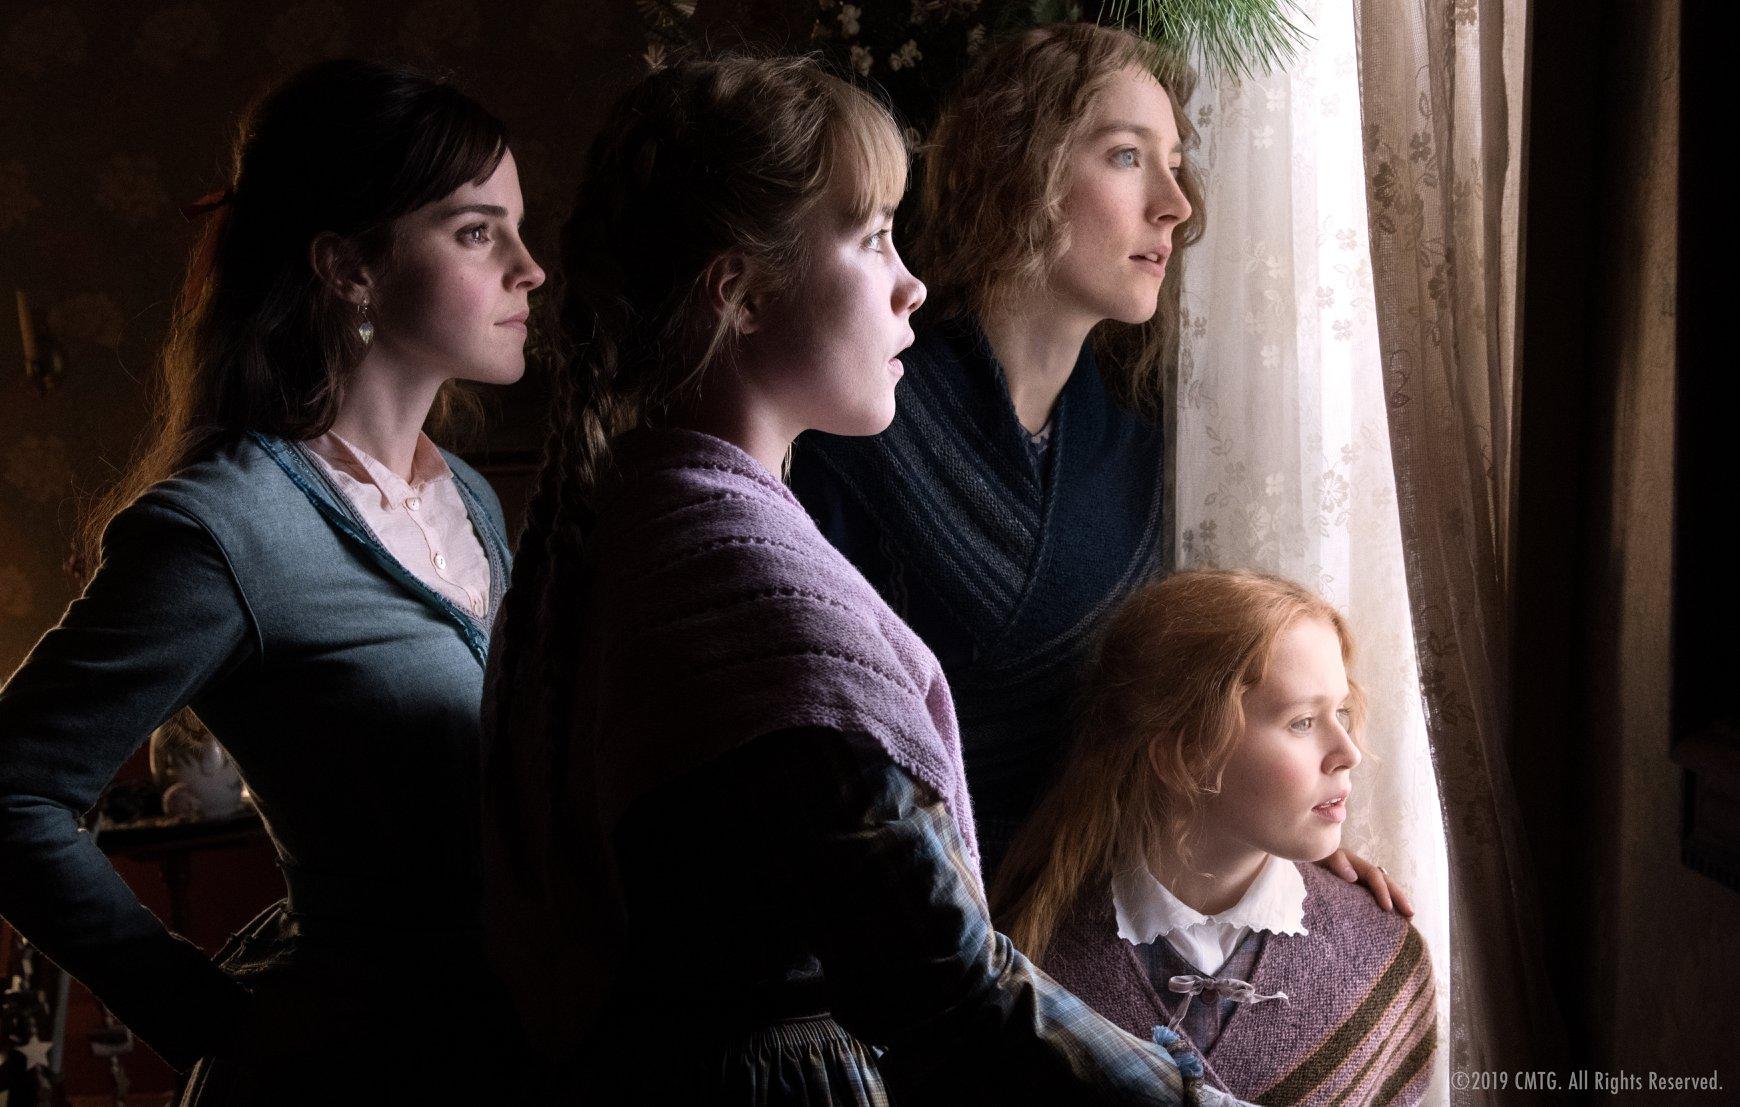 From left, Emma Thompson, Florence Pugh, Saorise Ronan, and Eliza Scanlen in Little Women